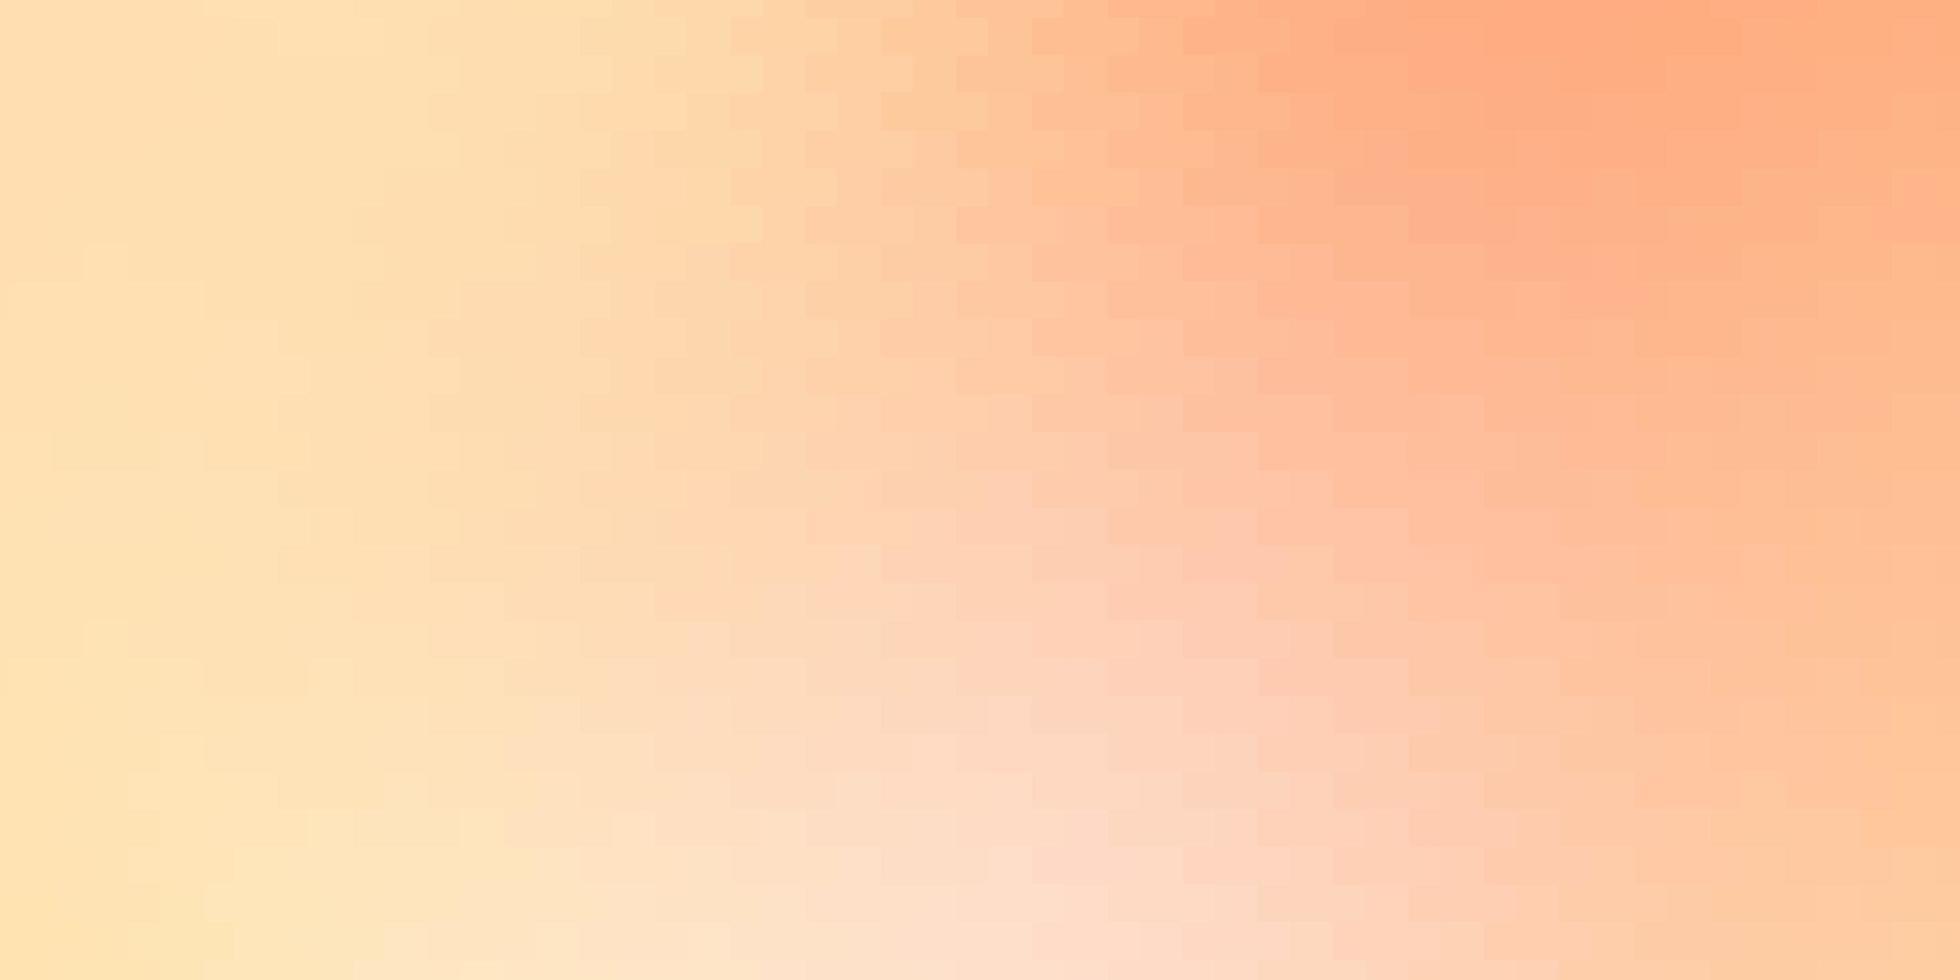 lichtoranje vectorachtergrond met rechthoeken. vector